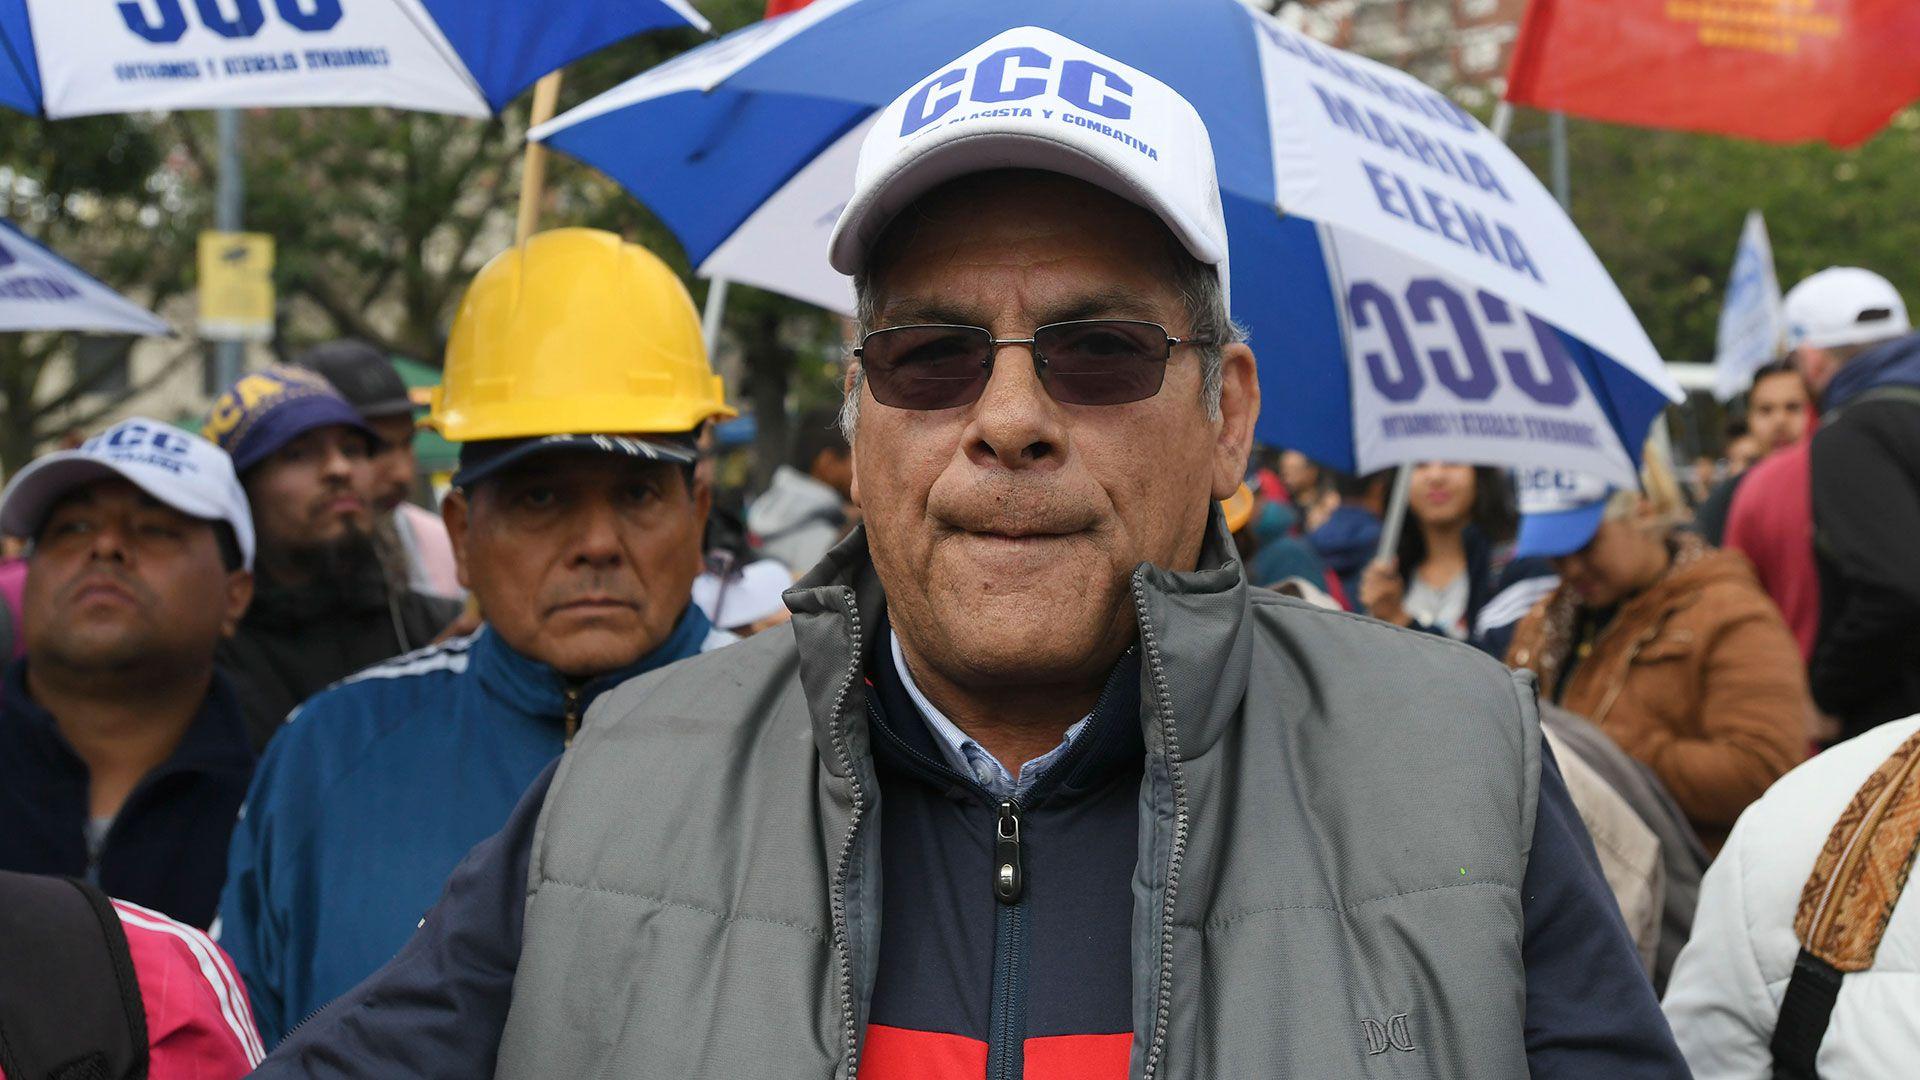 """Juan Carlos Alderete: """"Nosotros no estamos dispuestos a hacer seguimiento, a levantar la mano. Nosotros no somos aplaudidores de nadie"""" (NA)"""